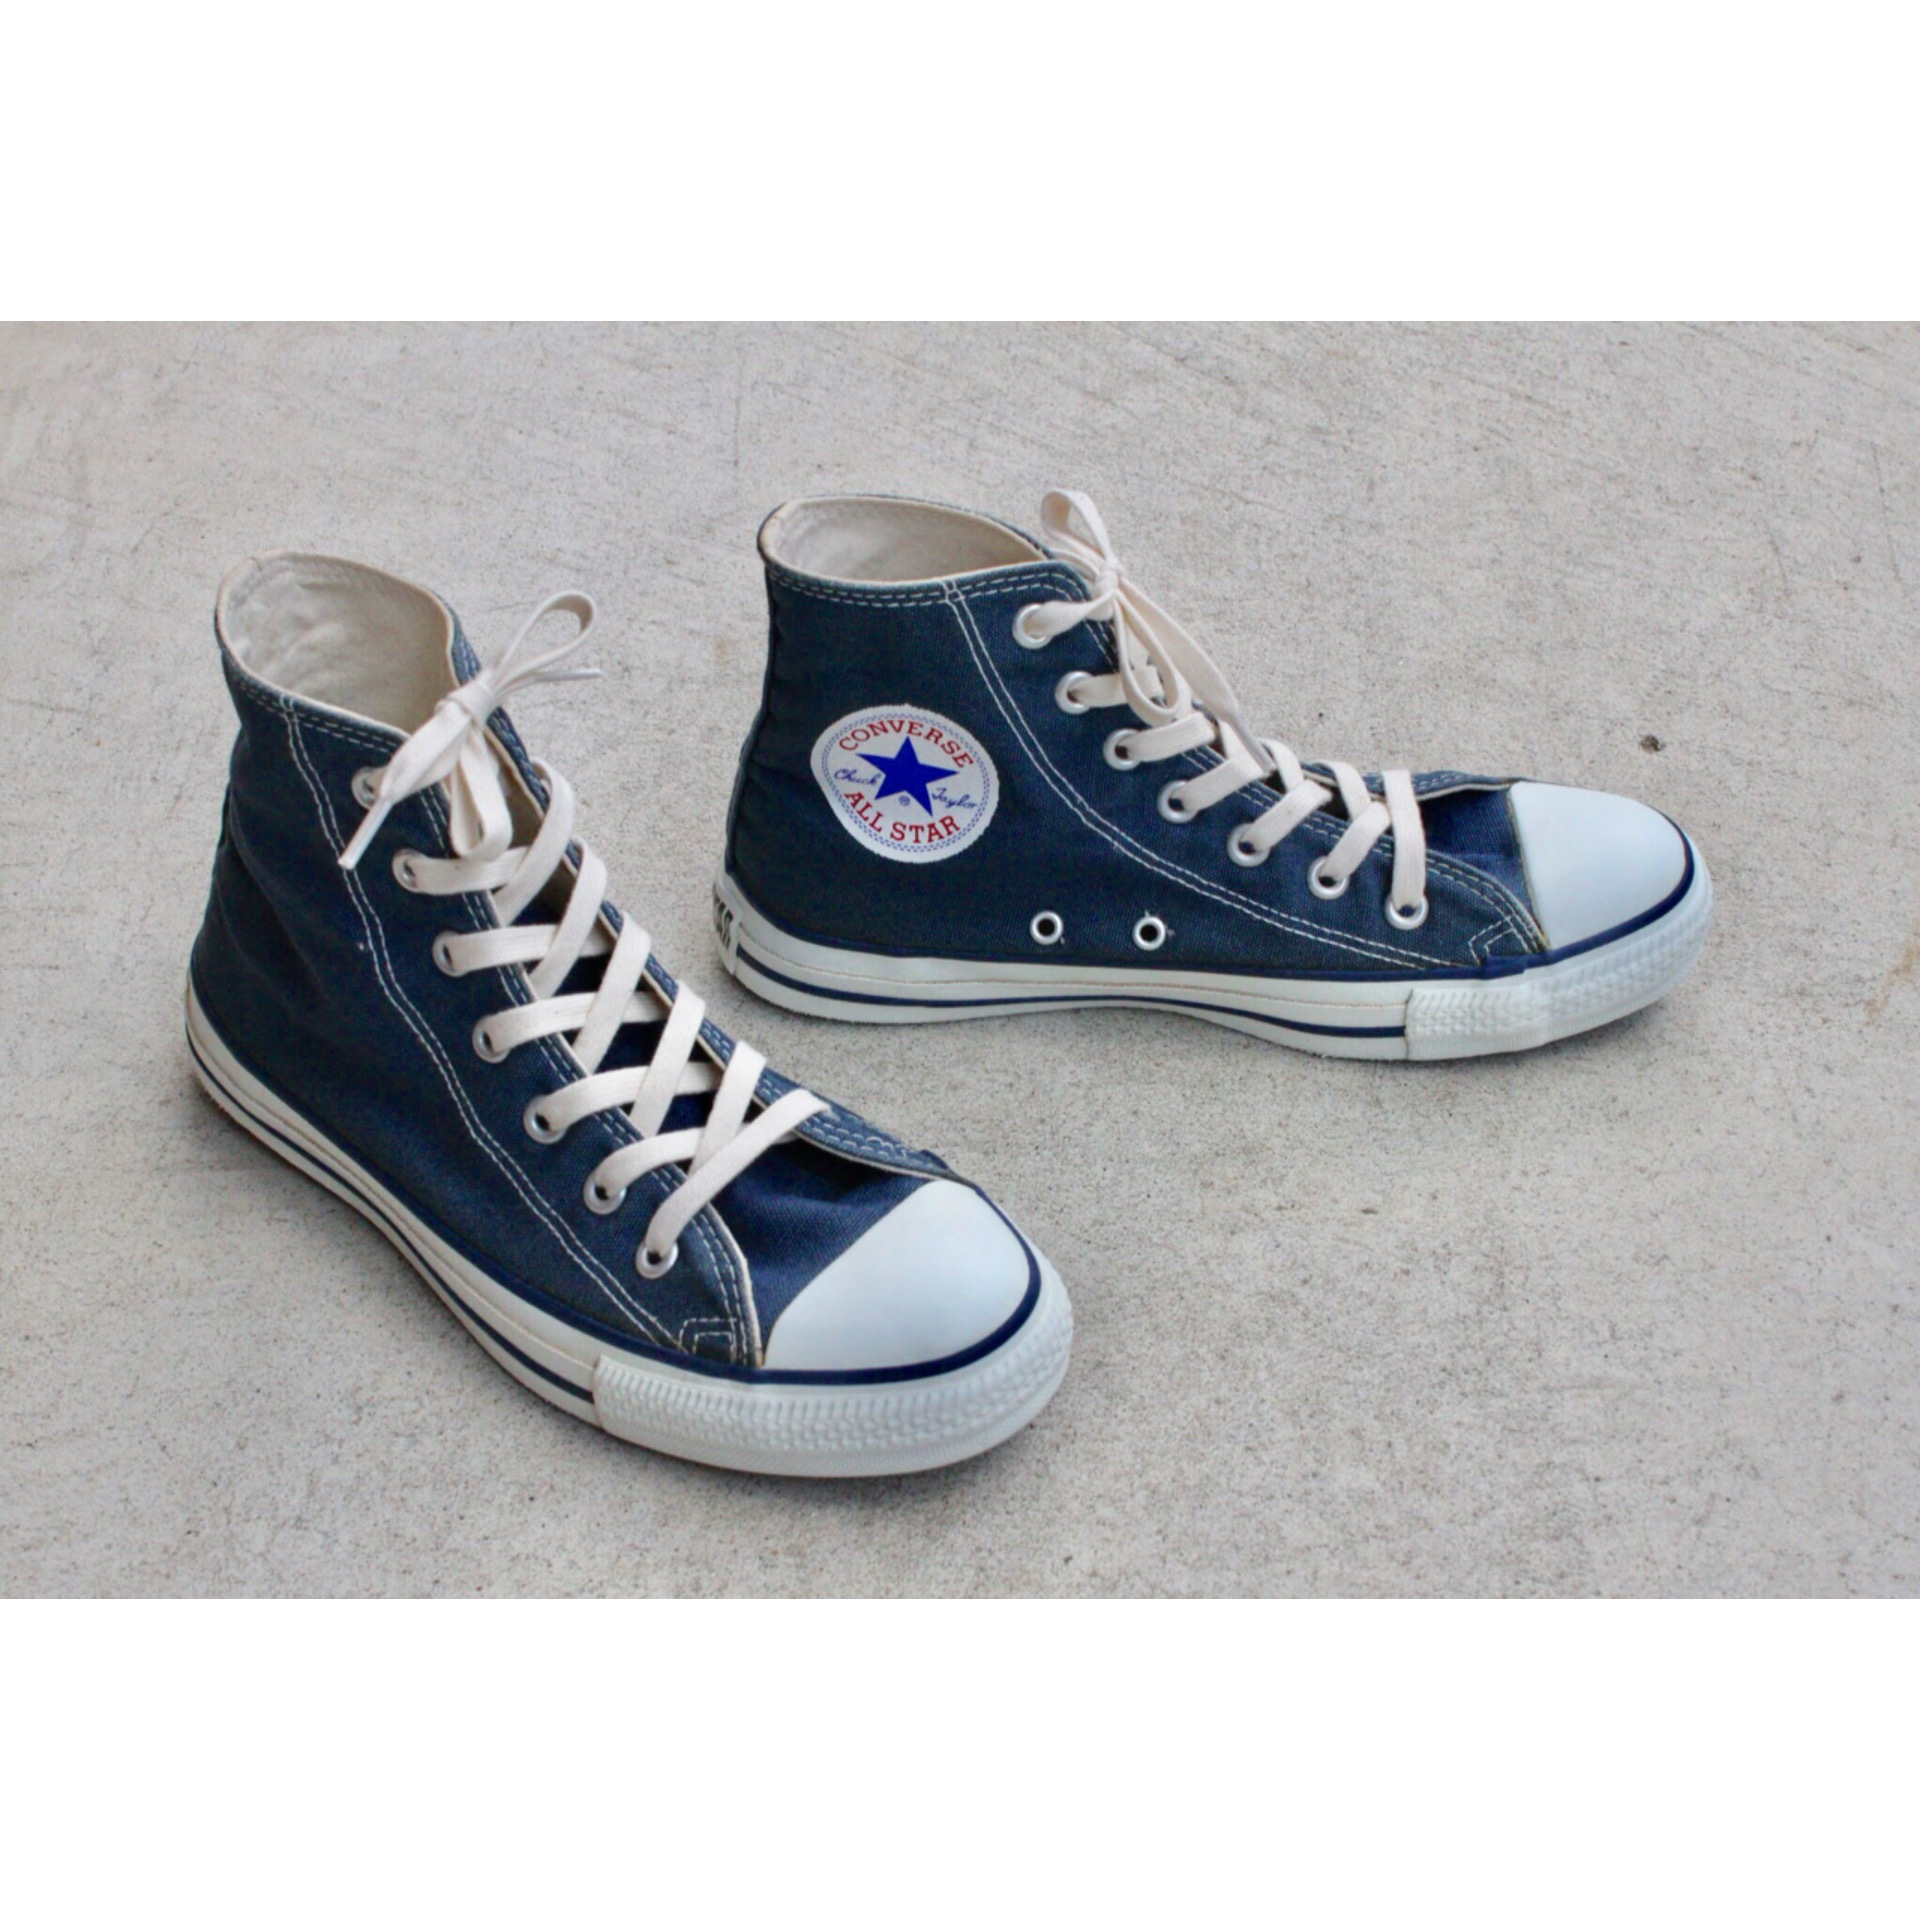 90s Converse Made in U.S.A. 5